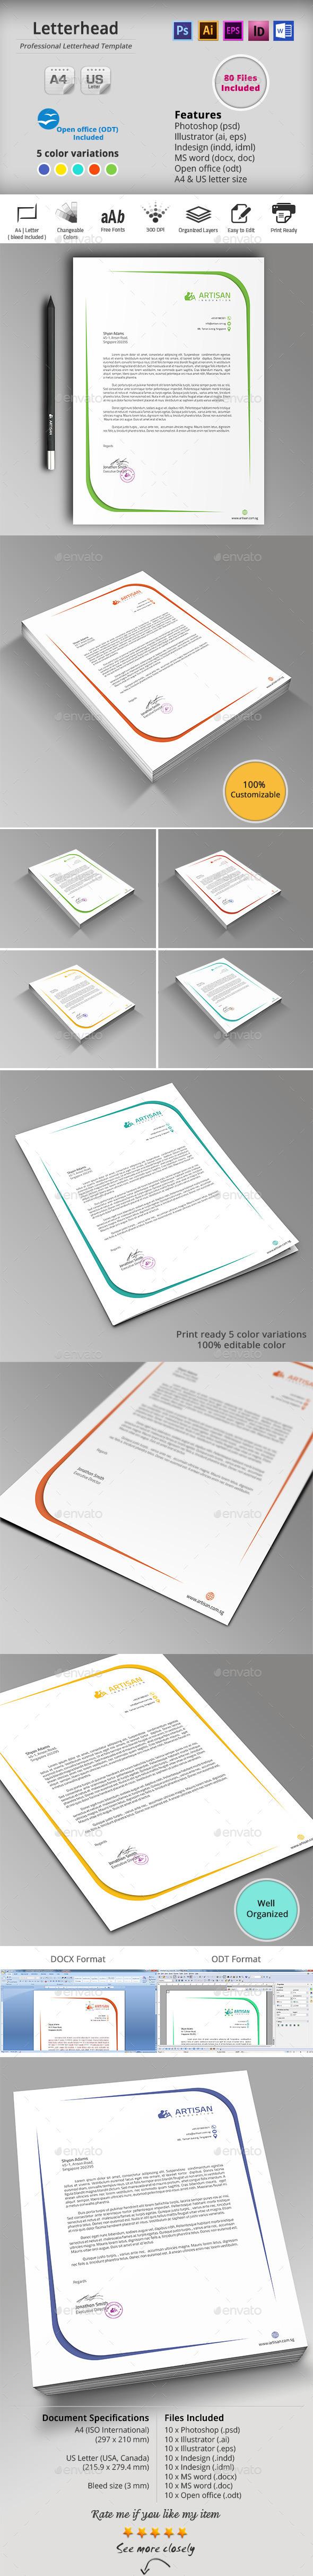 GraphicRiver Letterhead 10159461